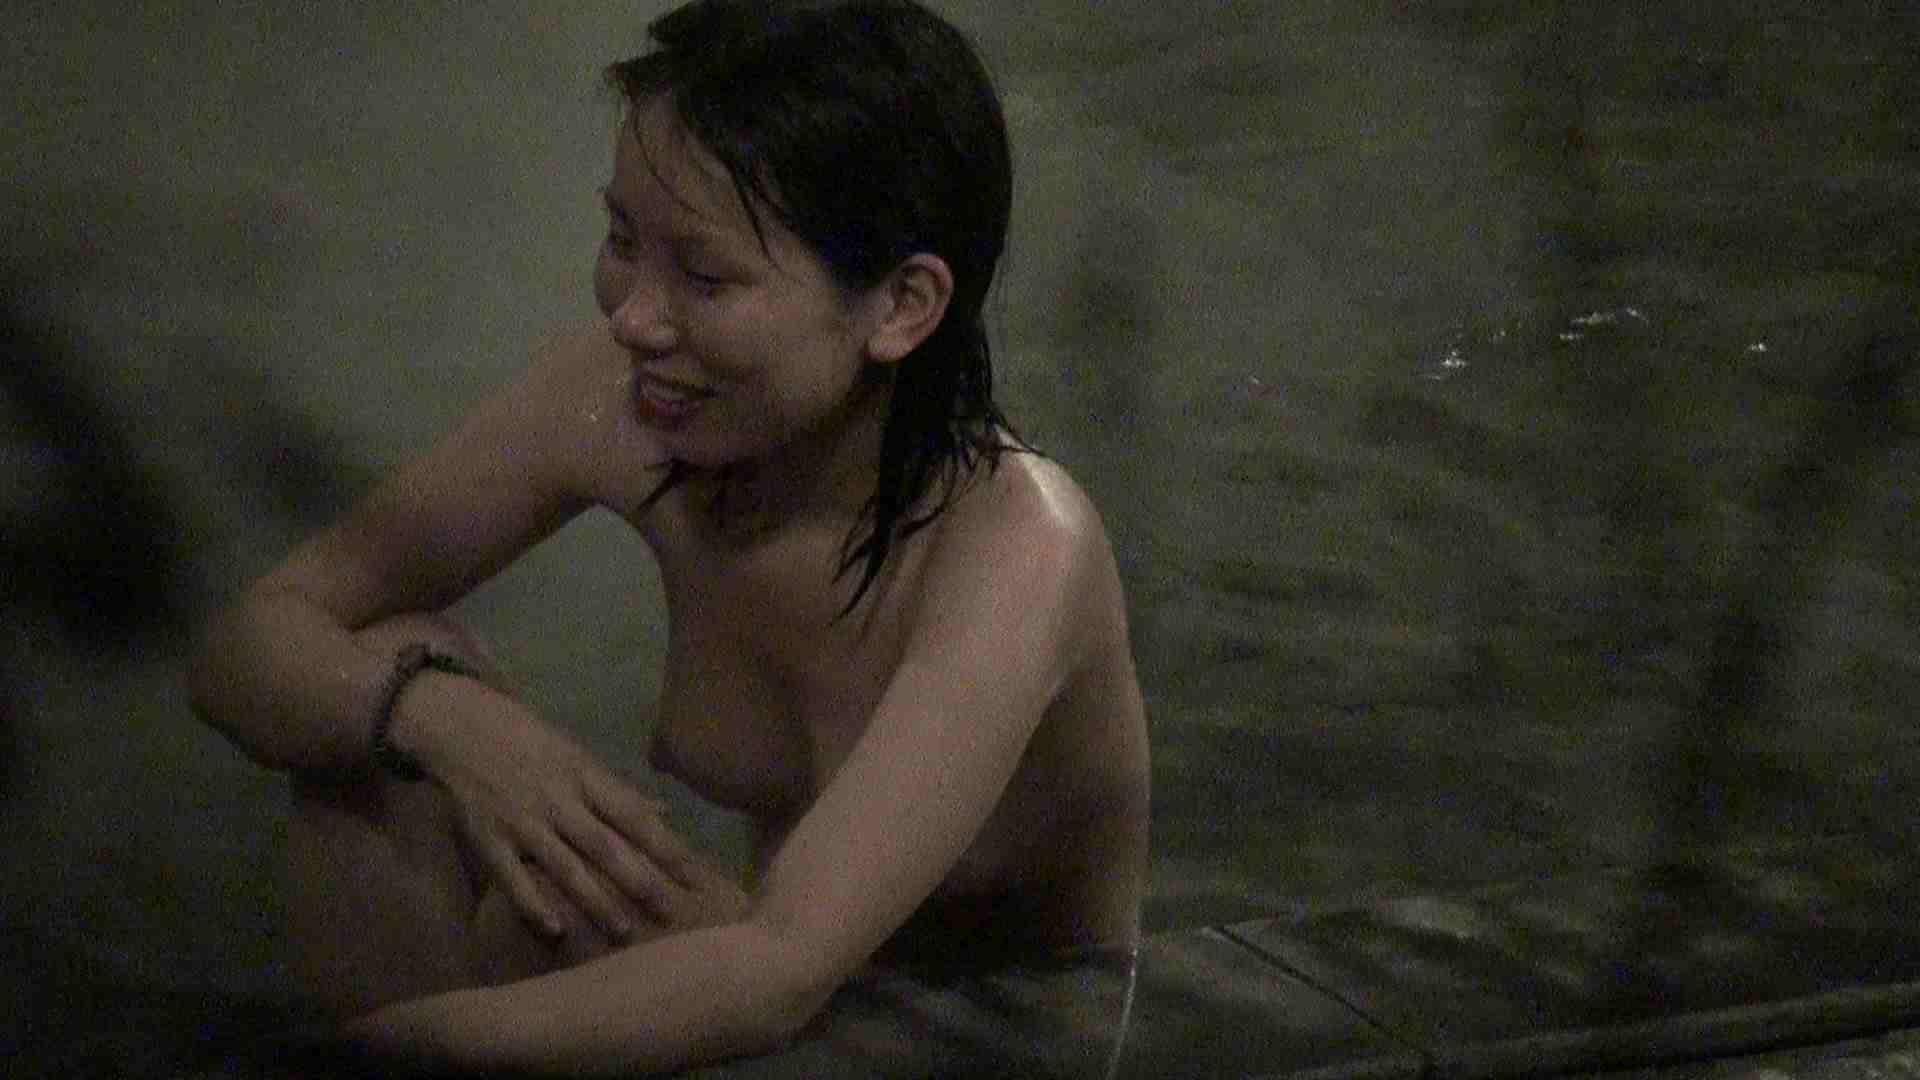 Aquaな露天風呂Vol.363 盗撮  90画像 54